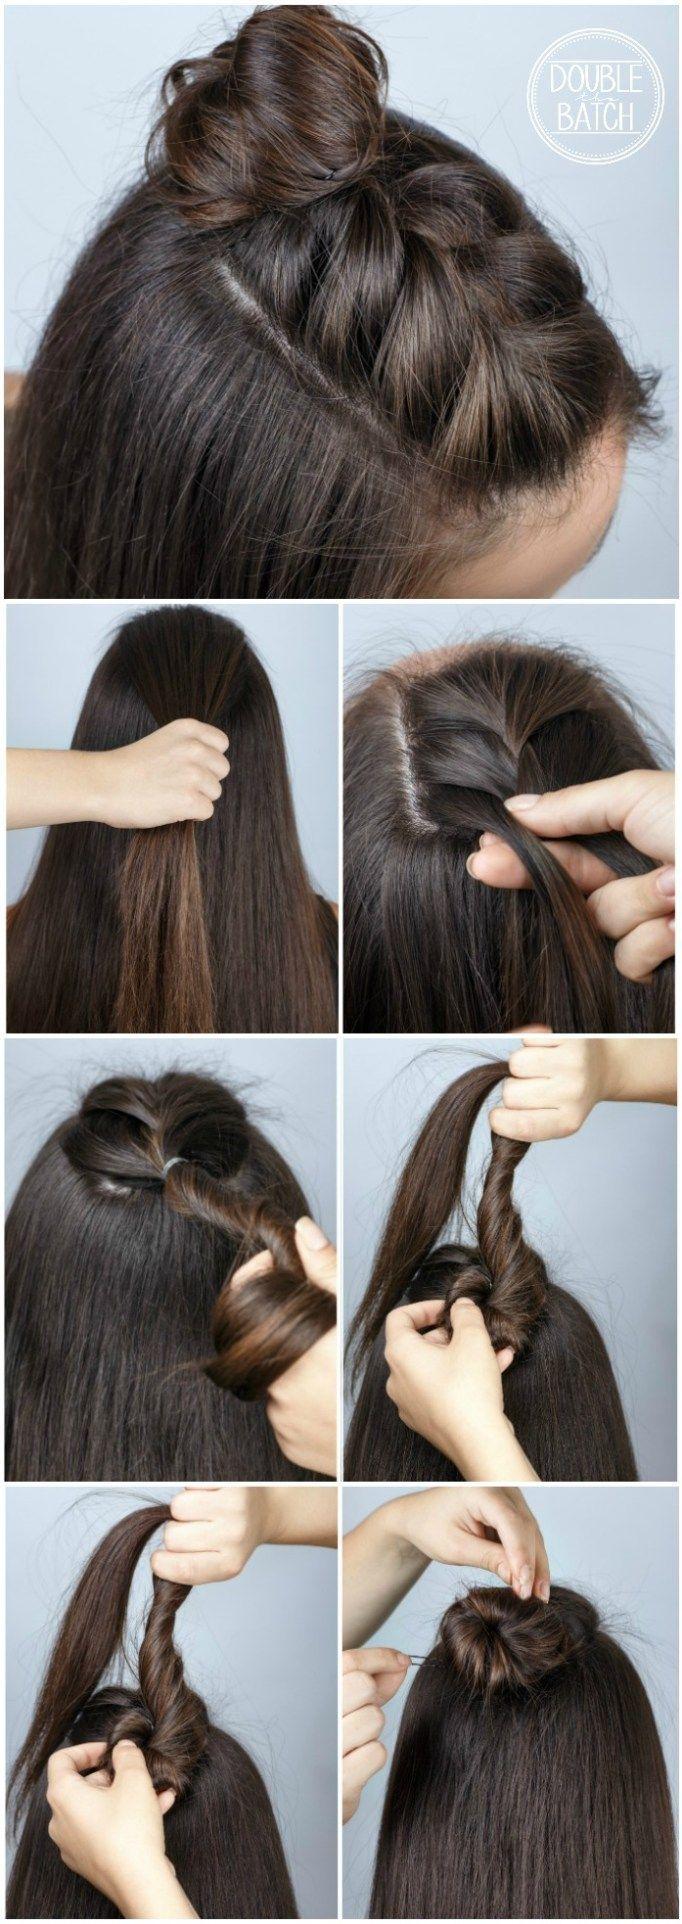 Half braid tutorial haircuthaydai braid tutorial